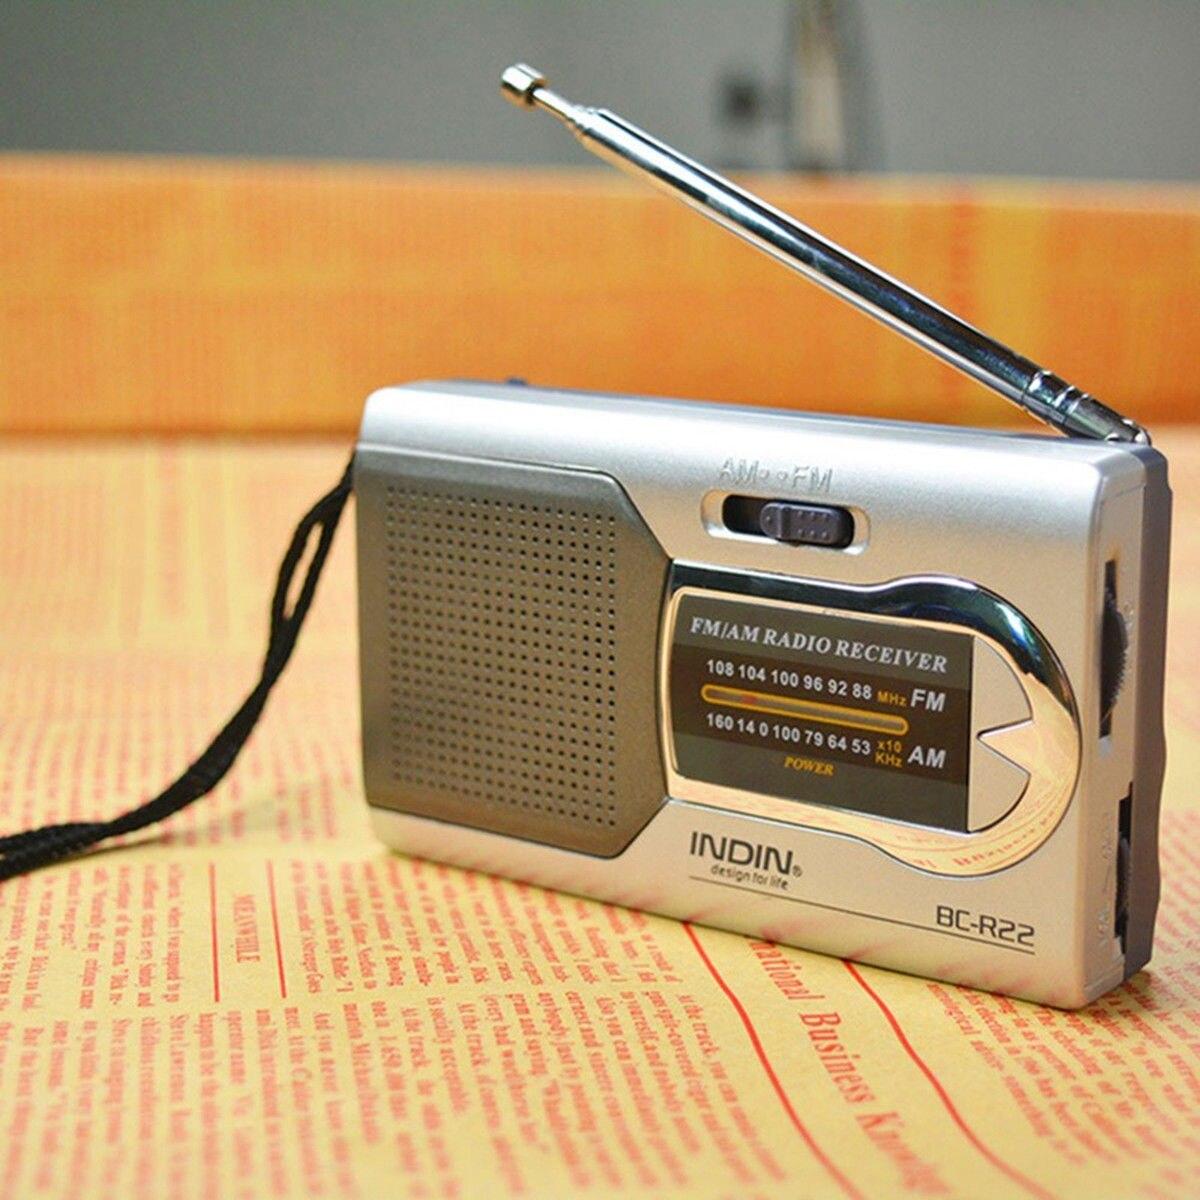 2018 Apleok BC-R22 Portable AM FM Radio Receiver Built in Speaker with Standard Earphones Jack Mini Radio